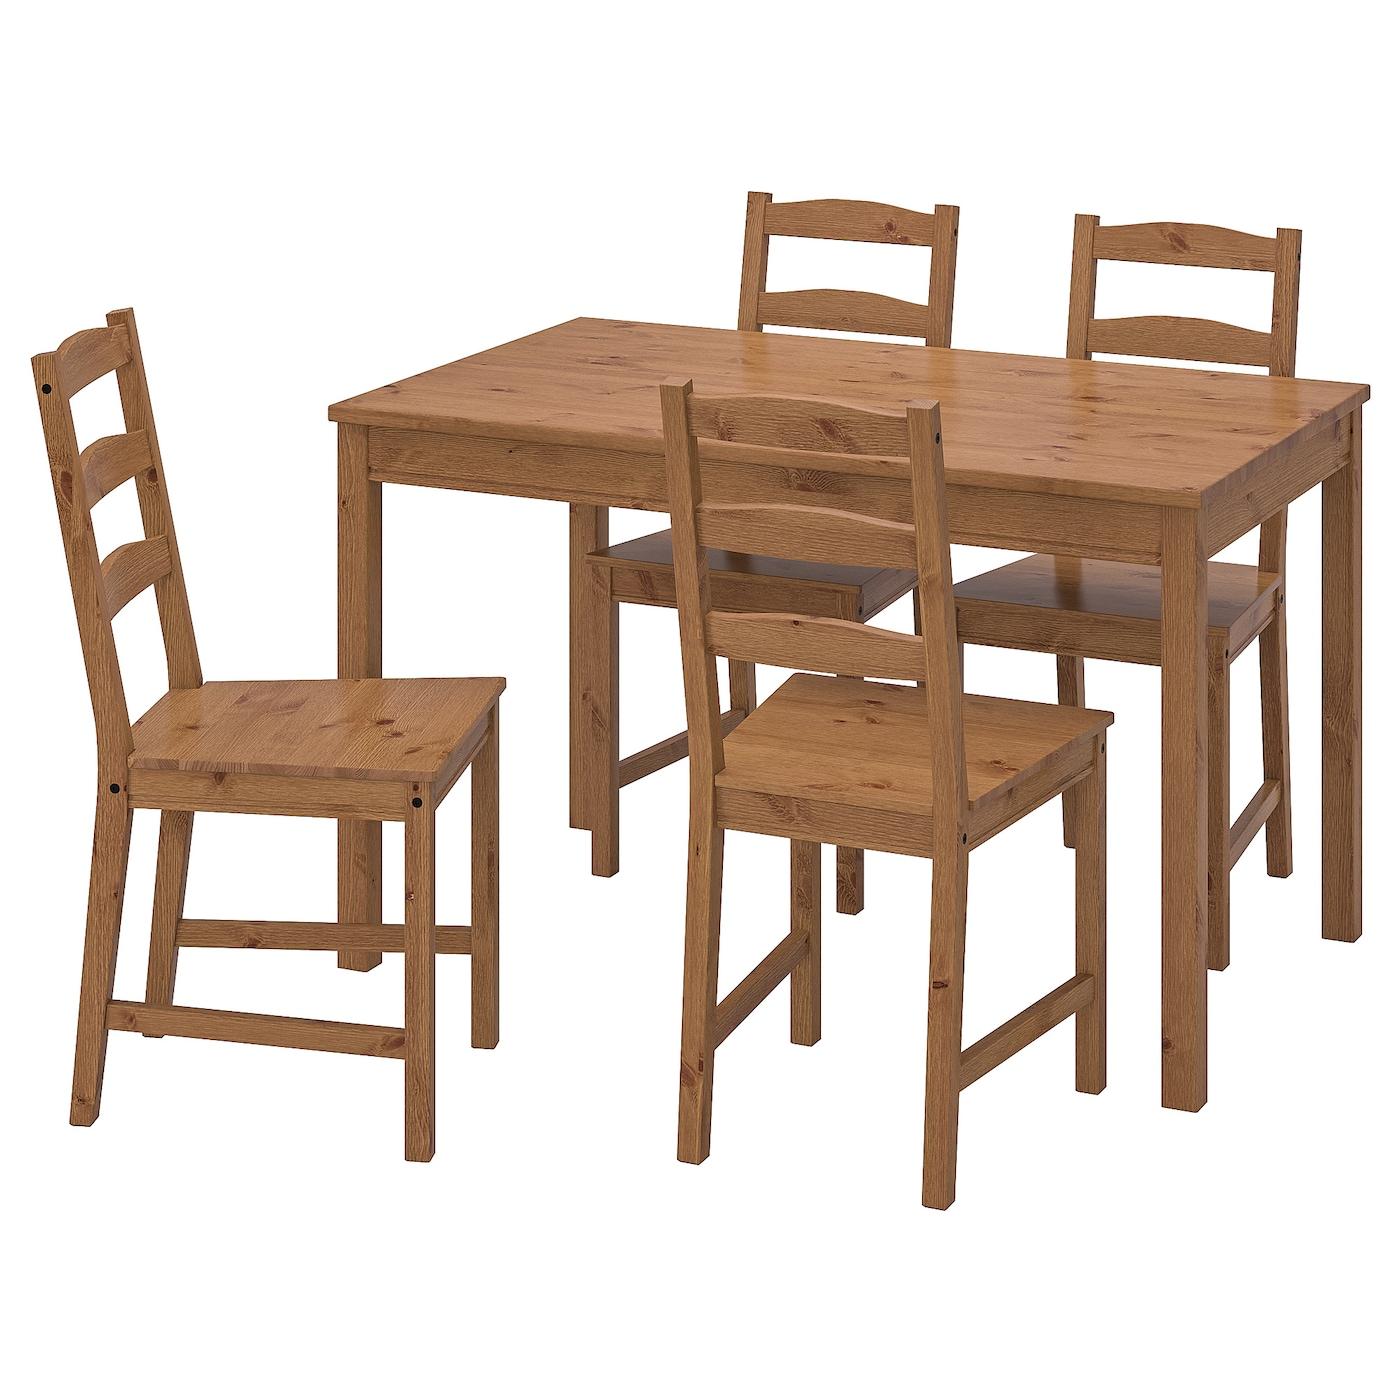 4 Sedie In Legno.Jokkmokk Tavolo E 4 Sedie Mordente Anticato Ikea It